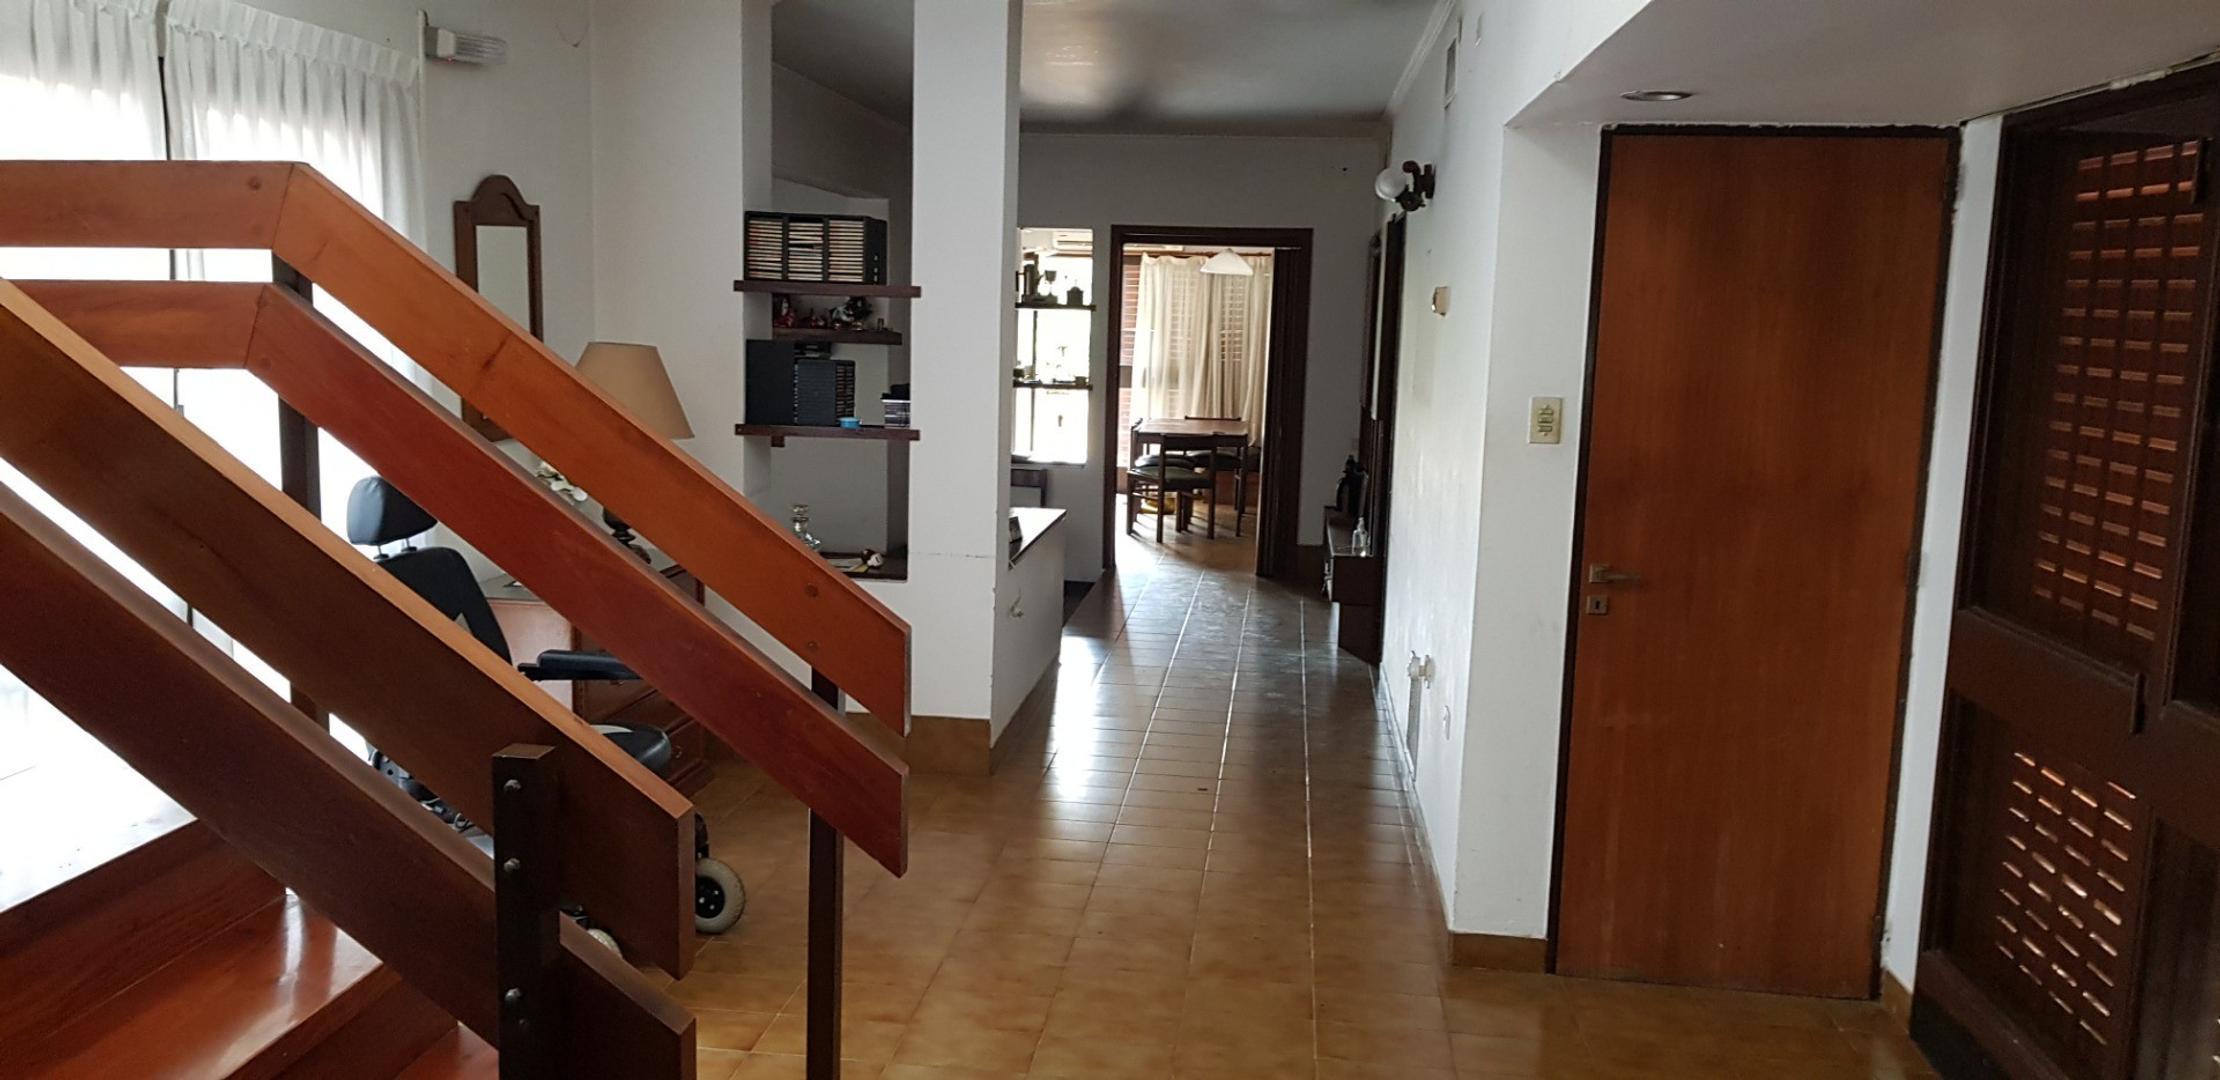 importante case sobre lote de 10x60 5 dormitorios, cochera doble, venta. 62 8 y  9  - Foto 15